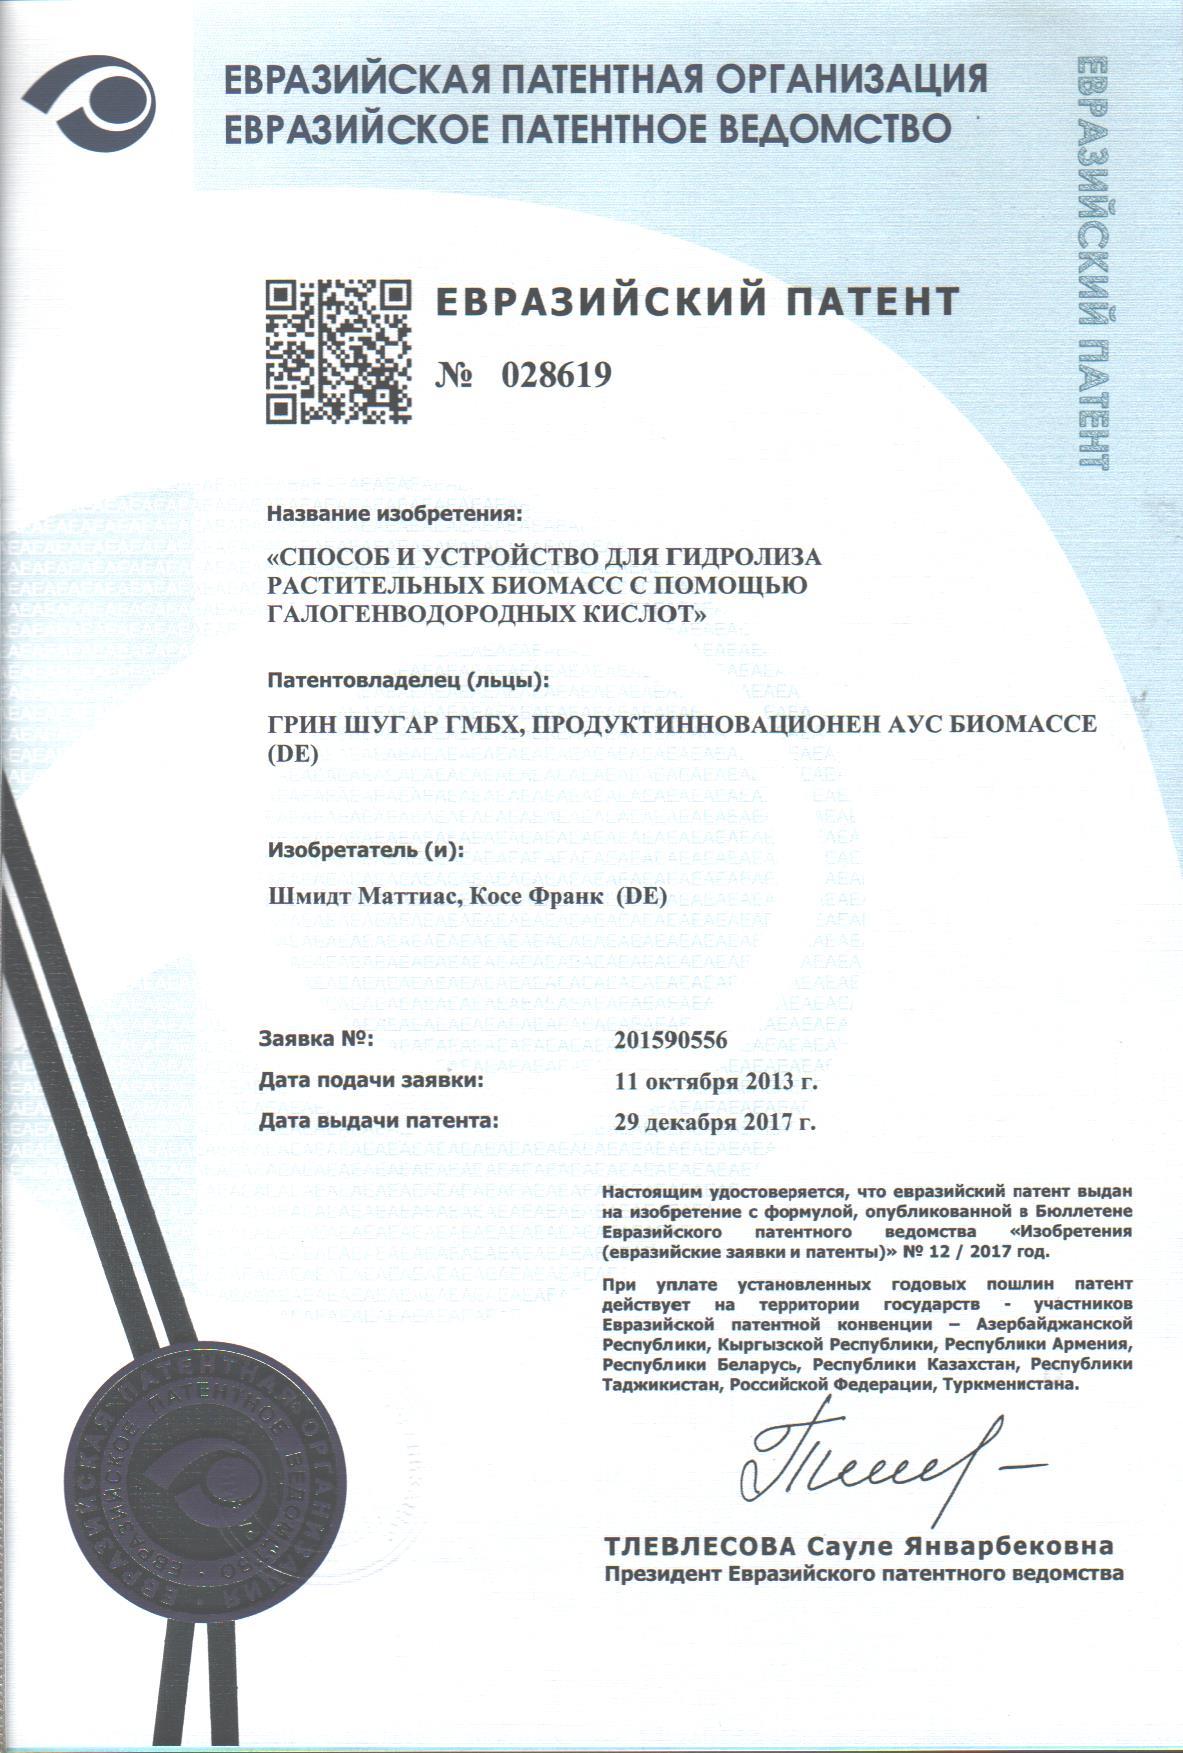 Евразийский патент №028619_5240376